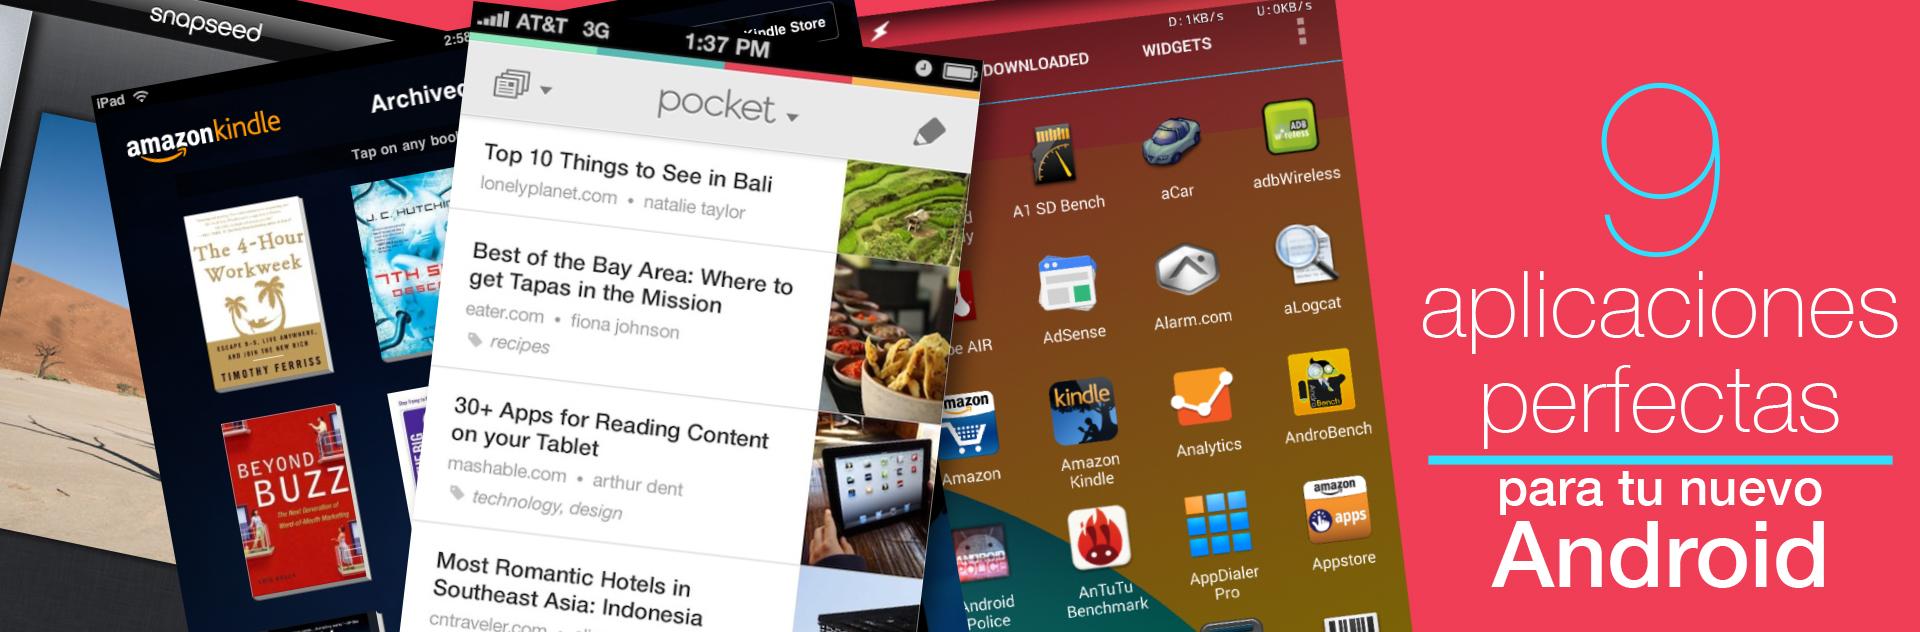 Aplicaciones 9app Android